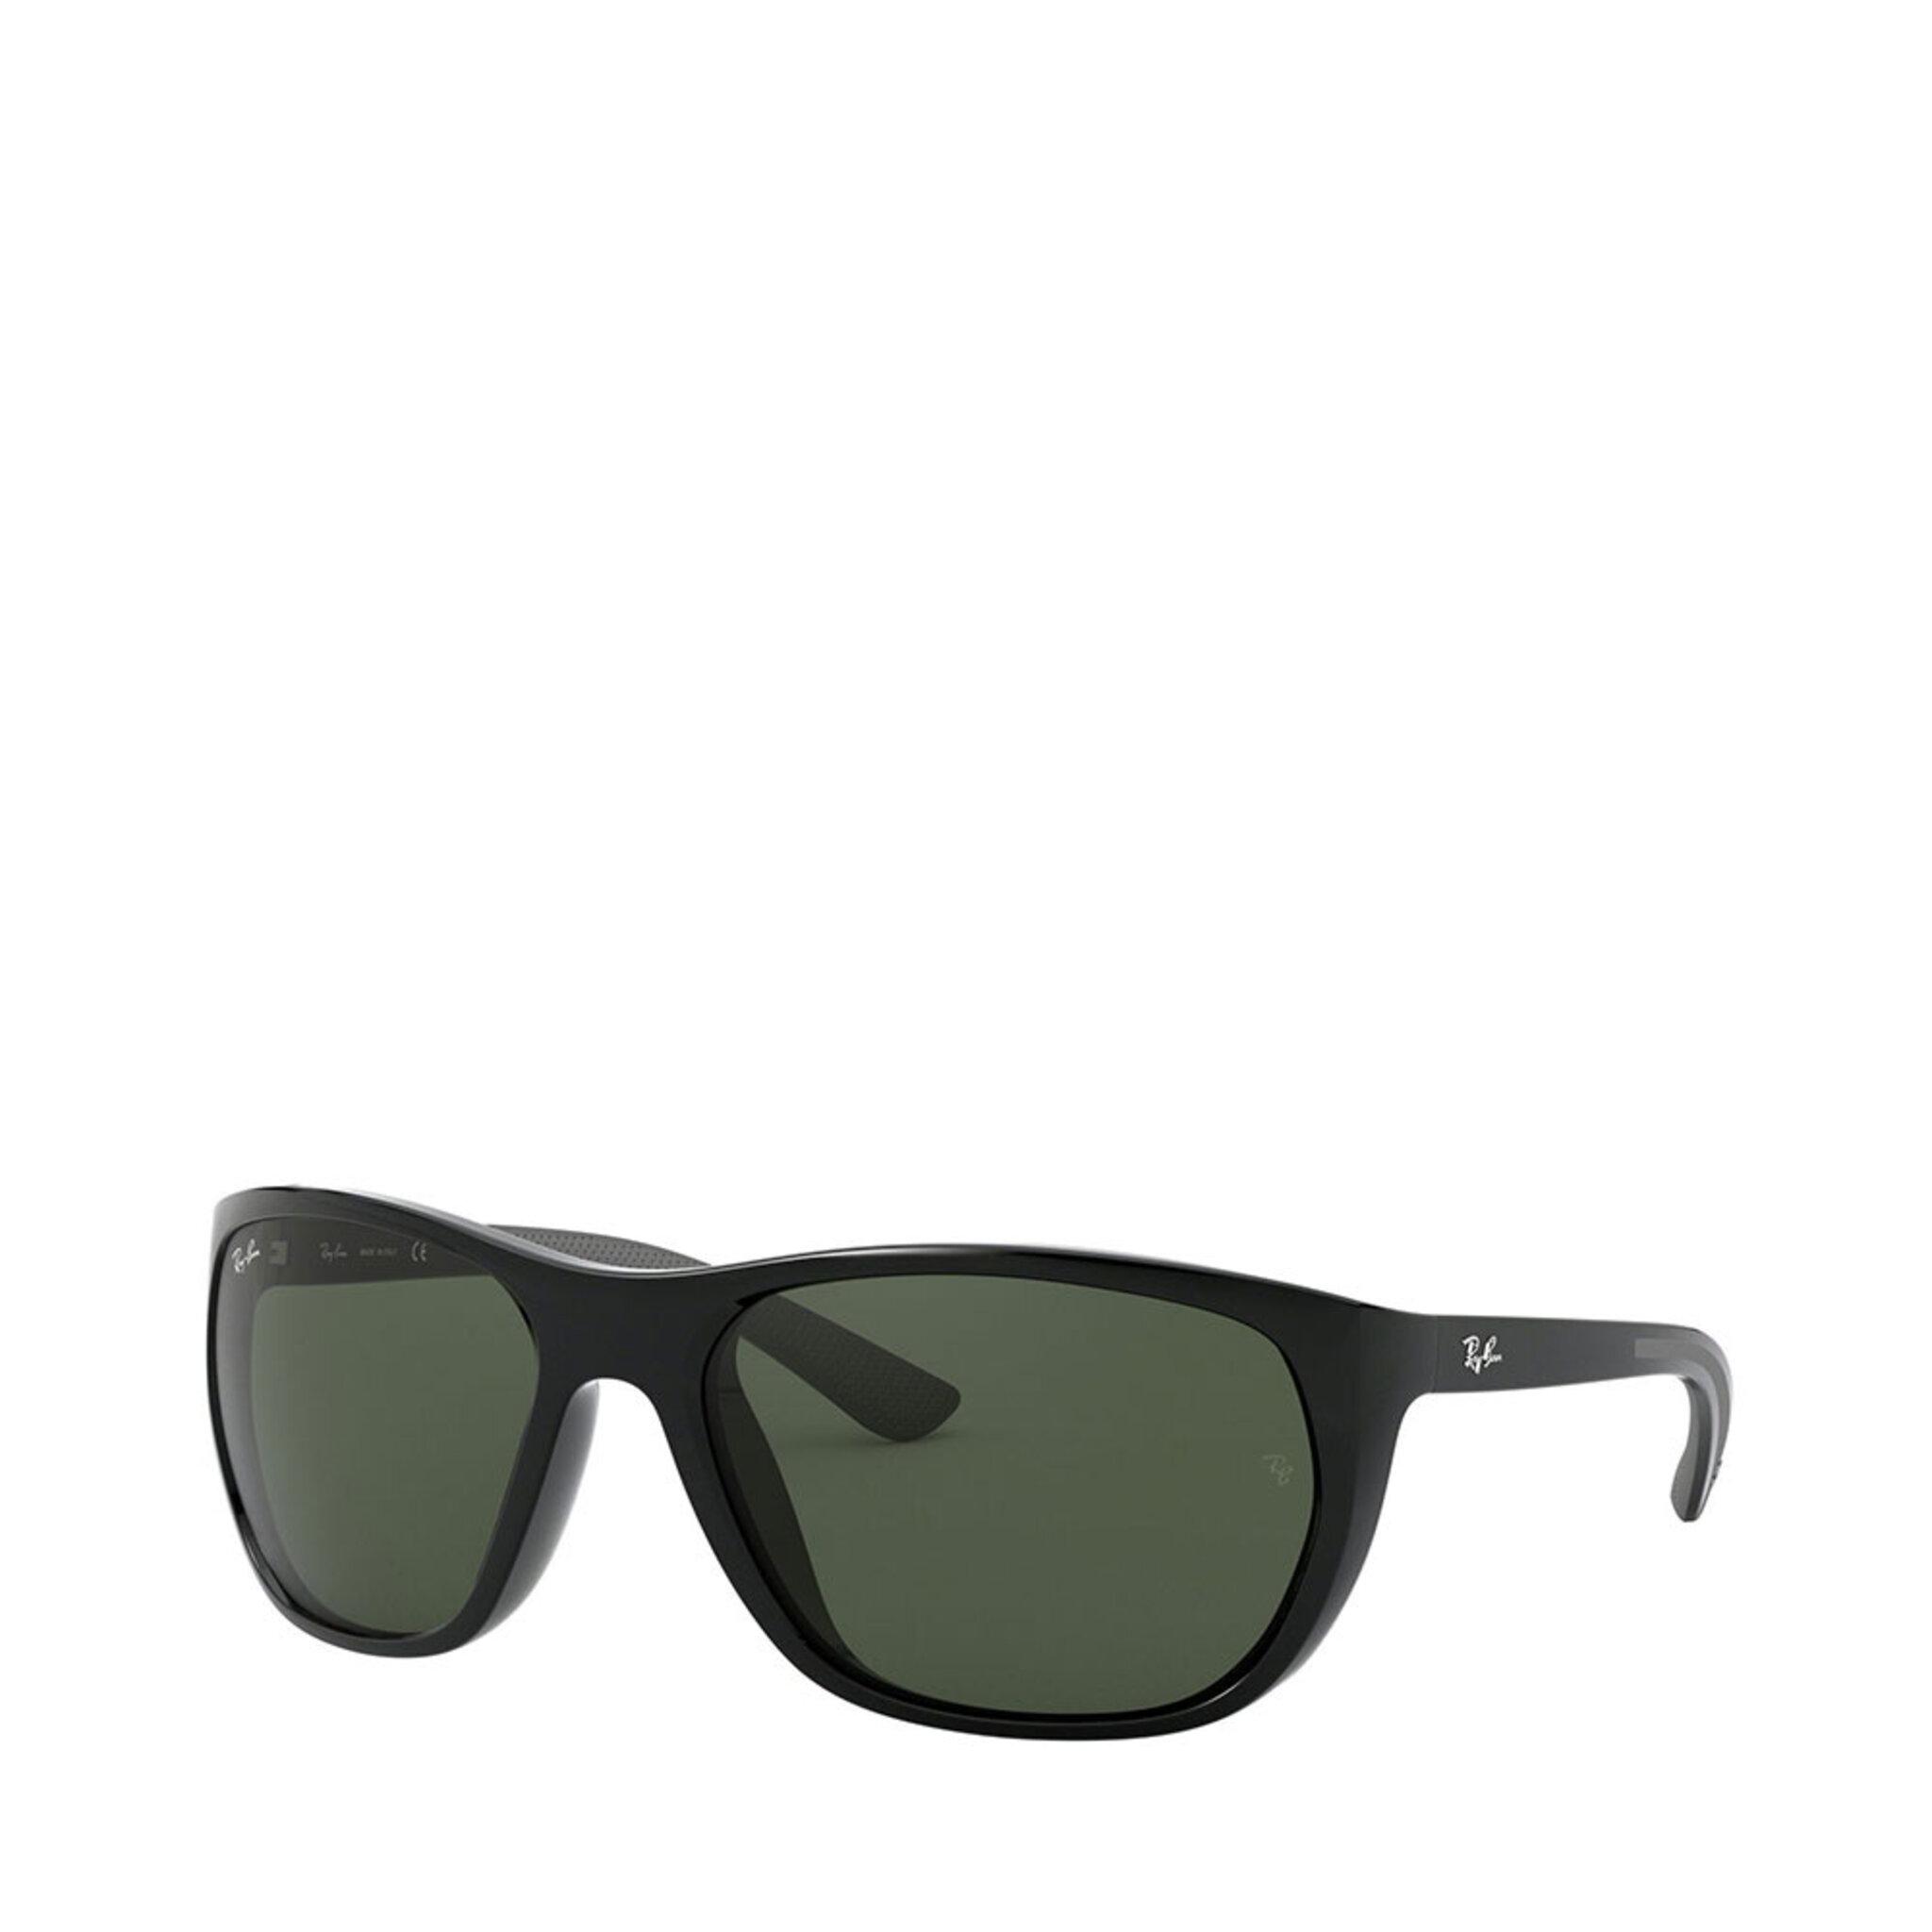 Sunglasses 0RB4307, 61